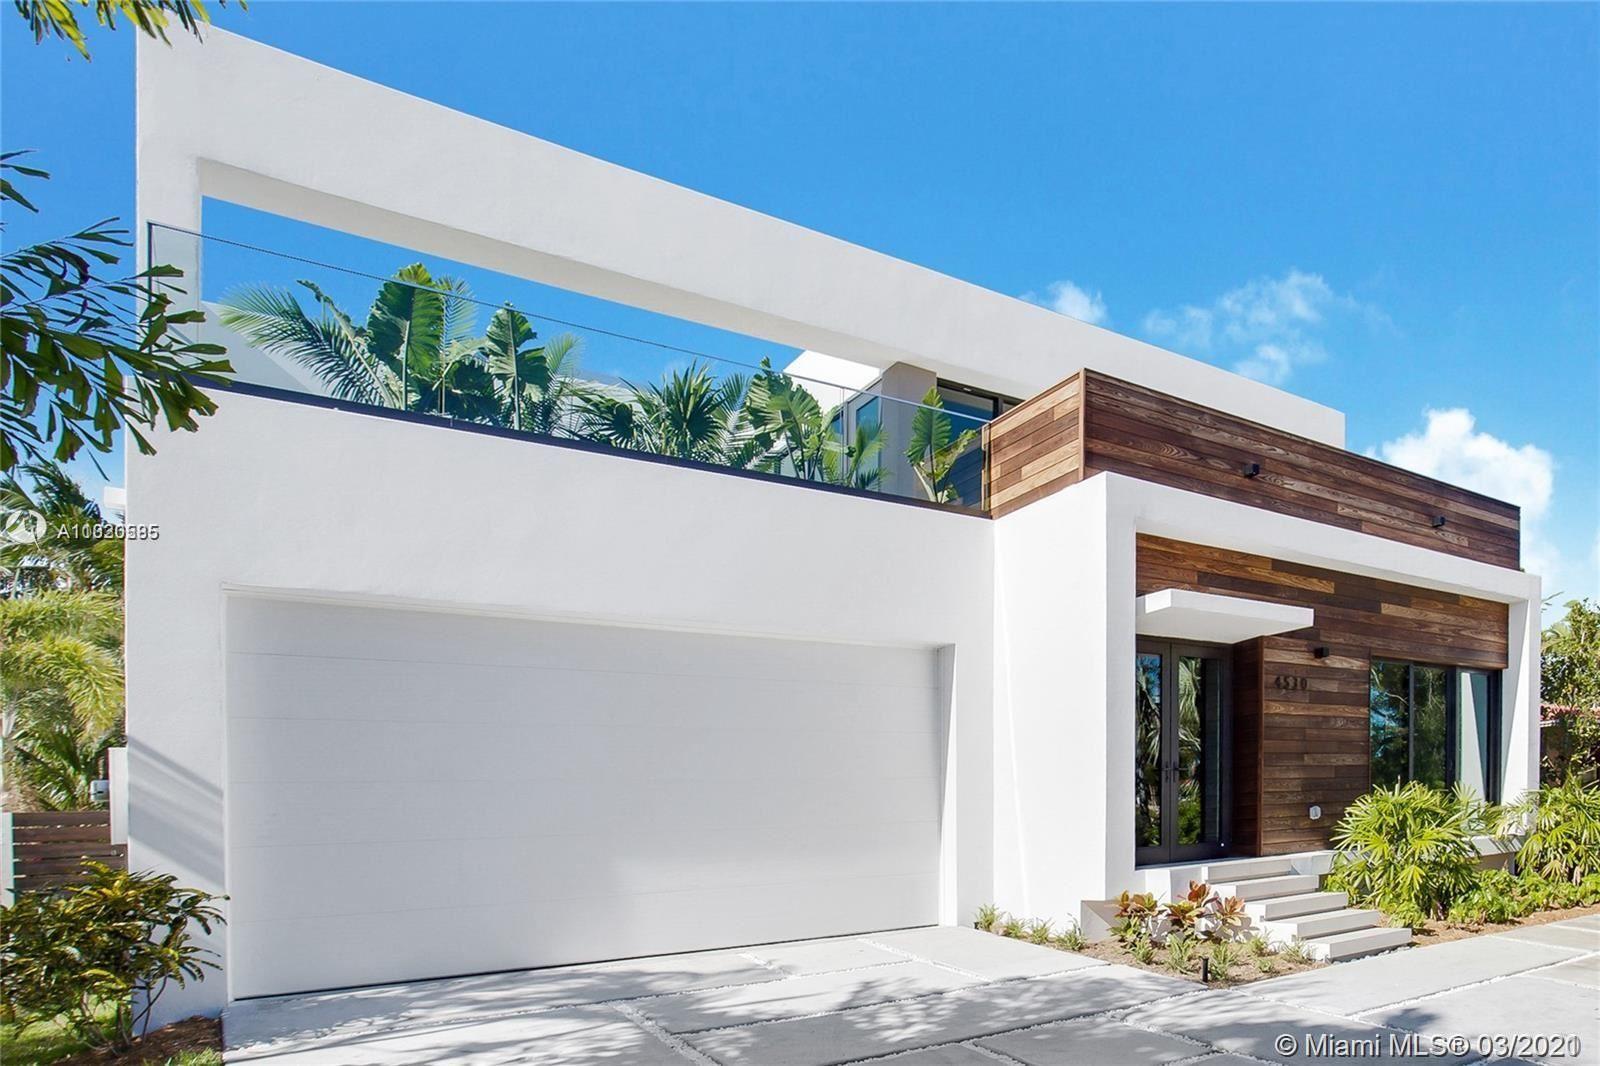 4530 Alton Rd, Miami Beach, FL 33140 - #: A11020585